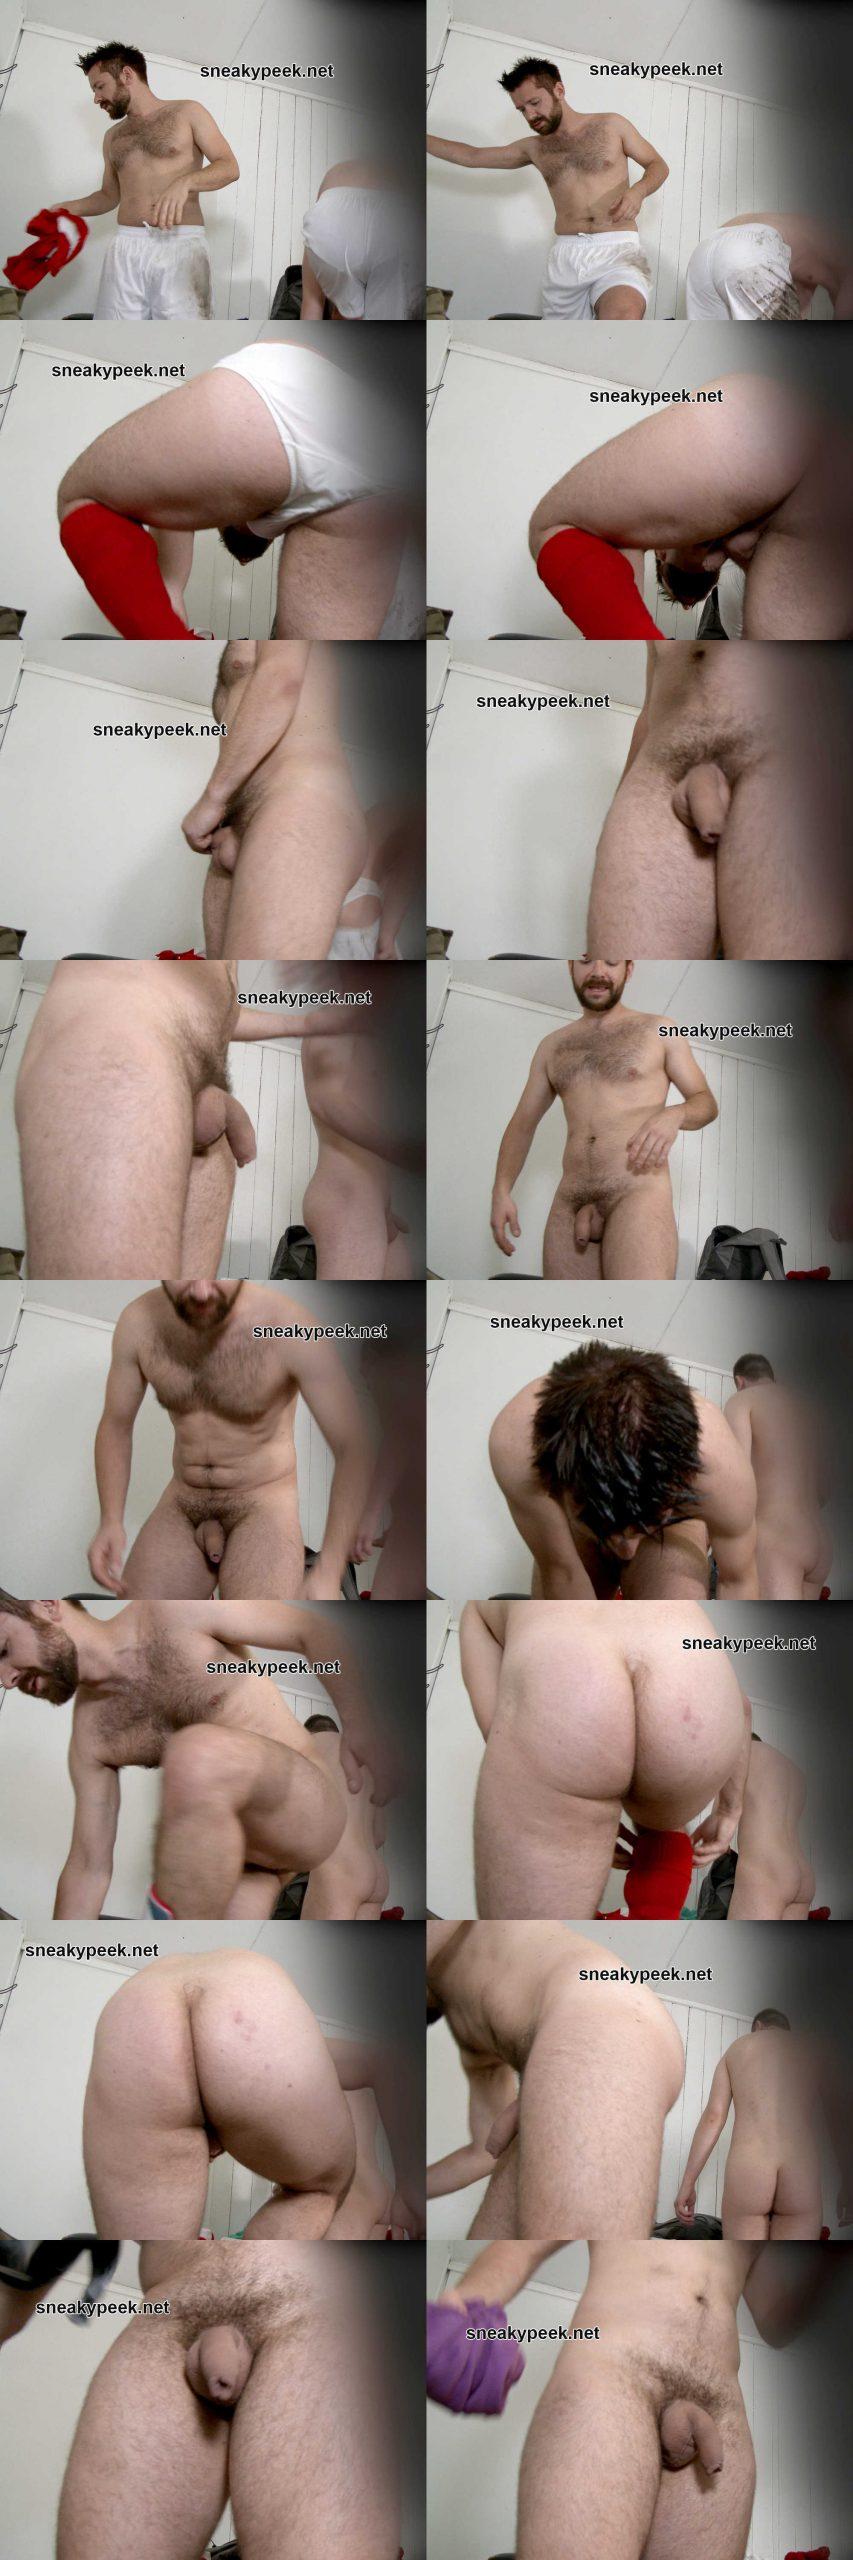 straight footballer caught undressing naked in locker room